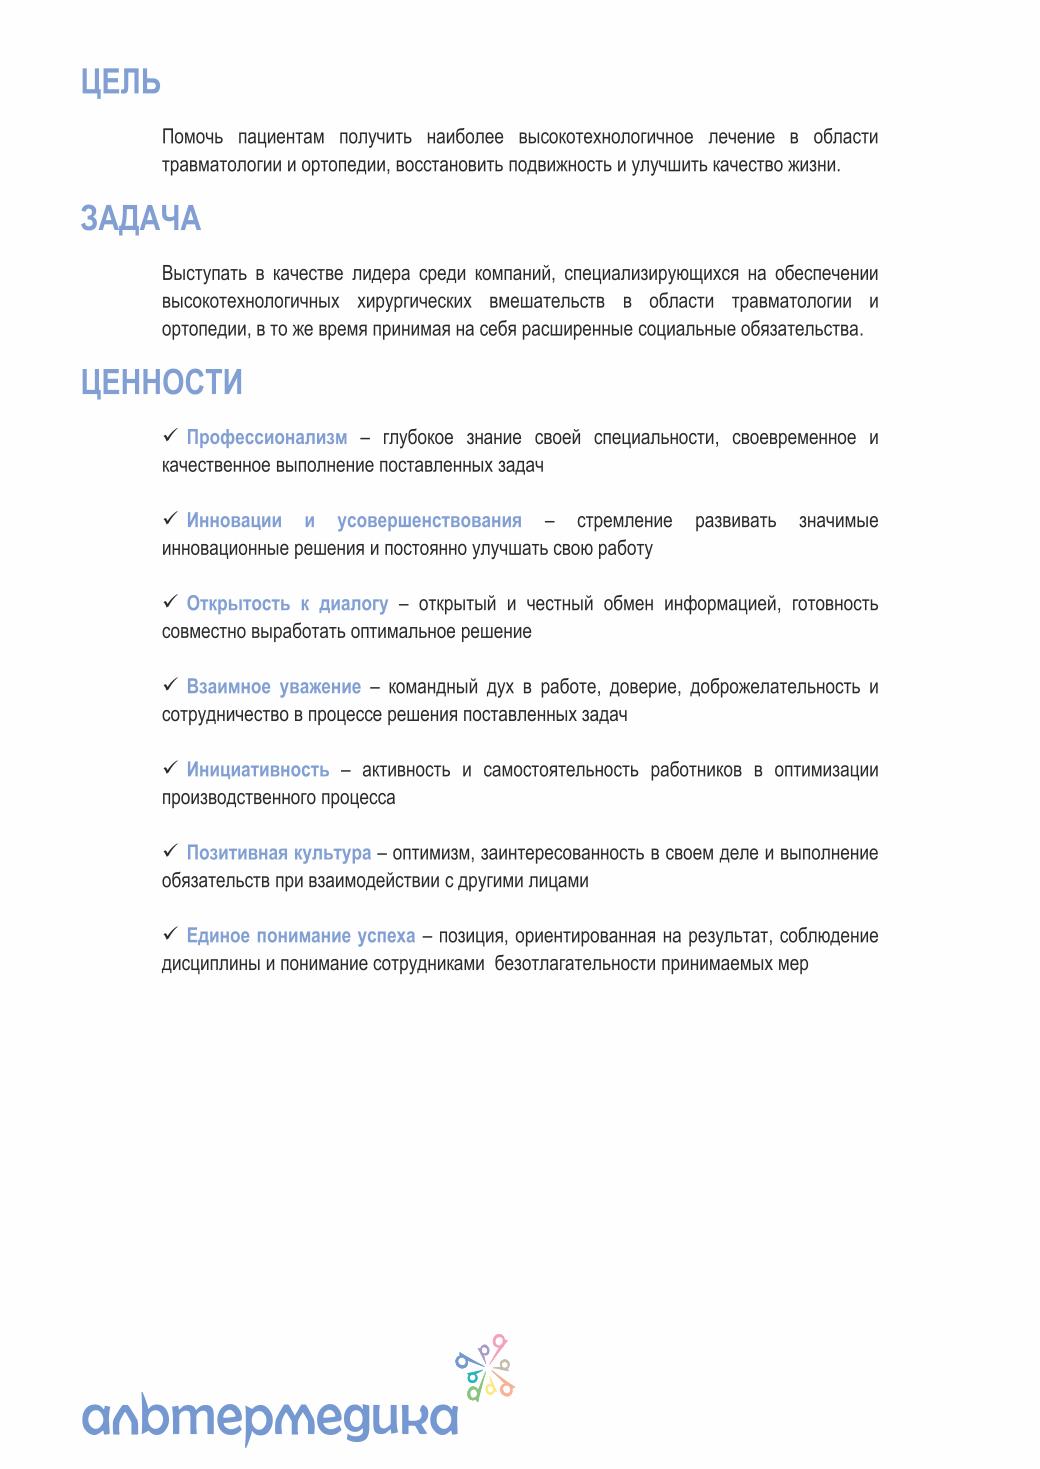 Kodeks-3